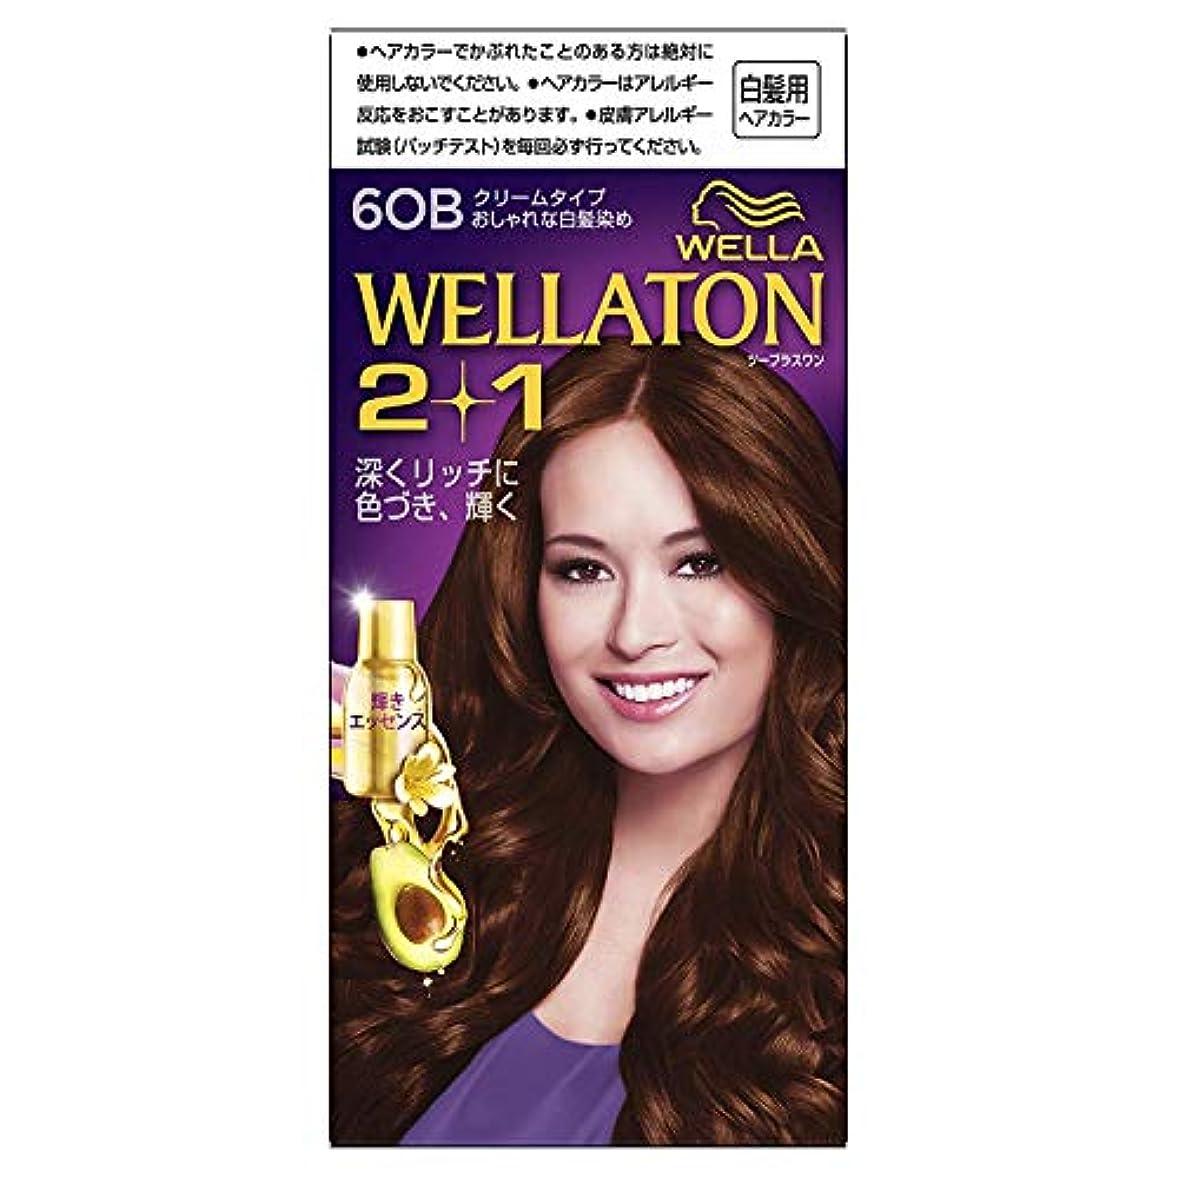 帽子側溝交換ウエラトーン2+1 白髪染め クリームタイプ 6OB [医薬部外品]×6個